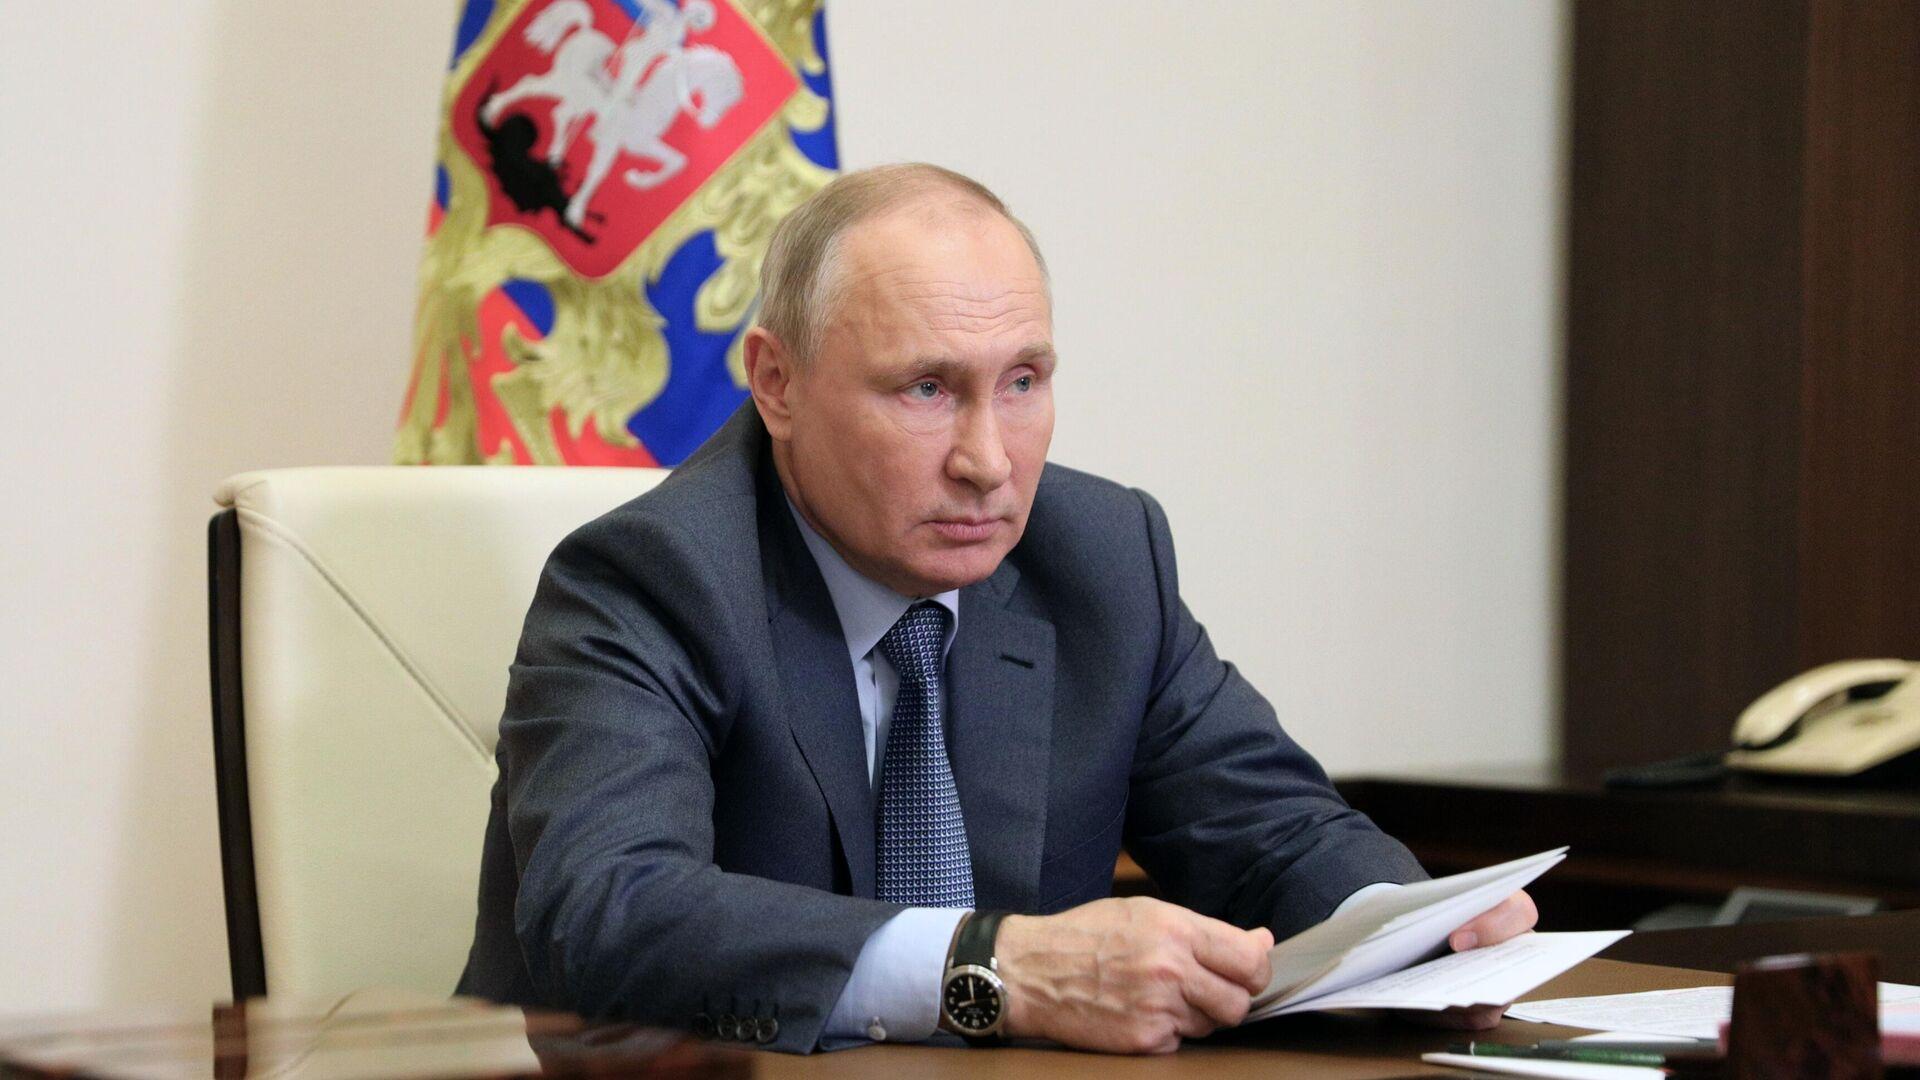 El presidente de Rusia, Vladímir Putin - Sputnik Mundo, 1920, 13.05.2021